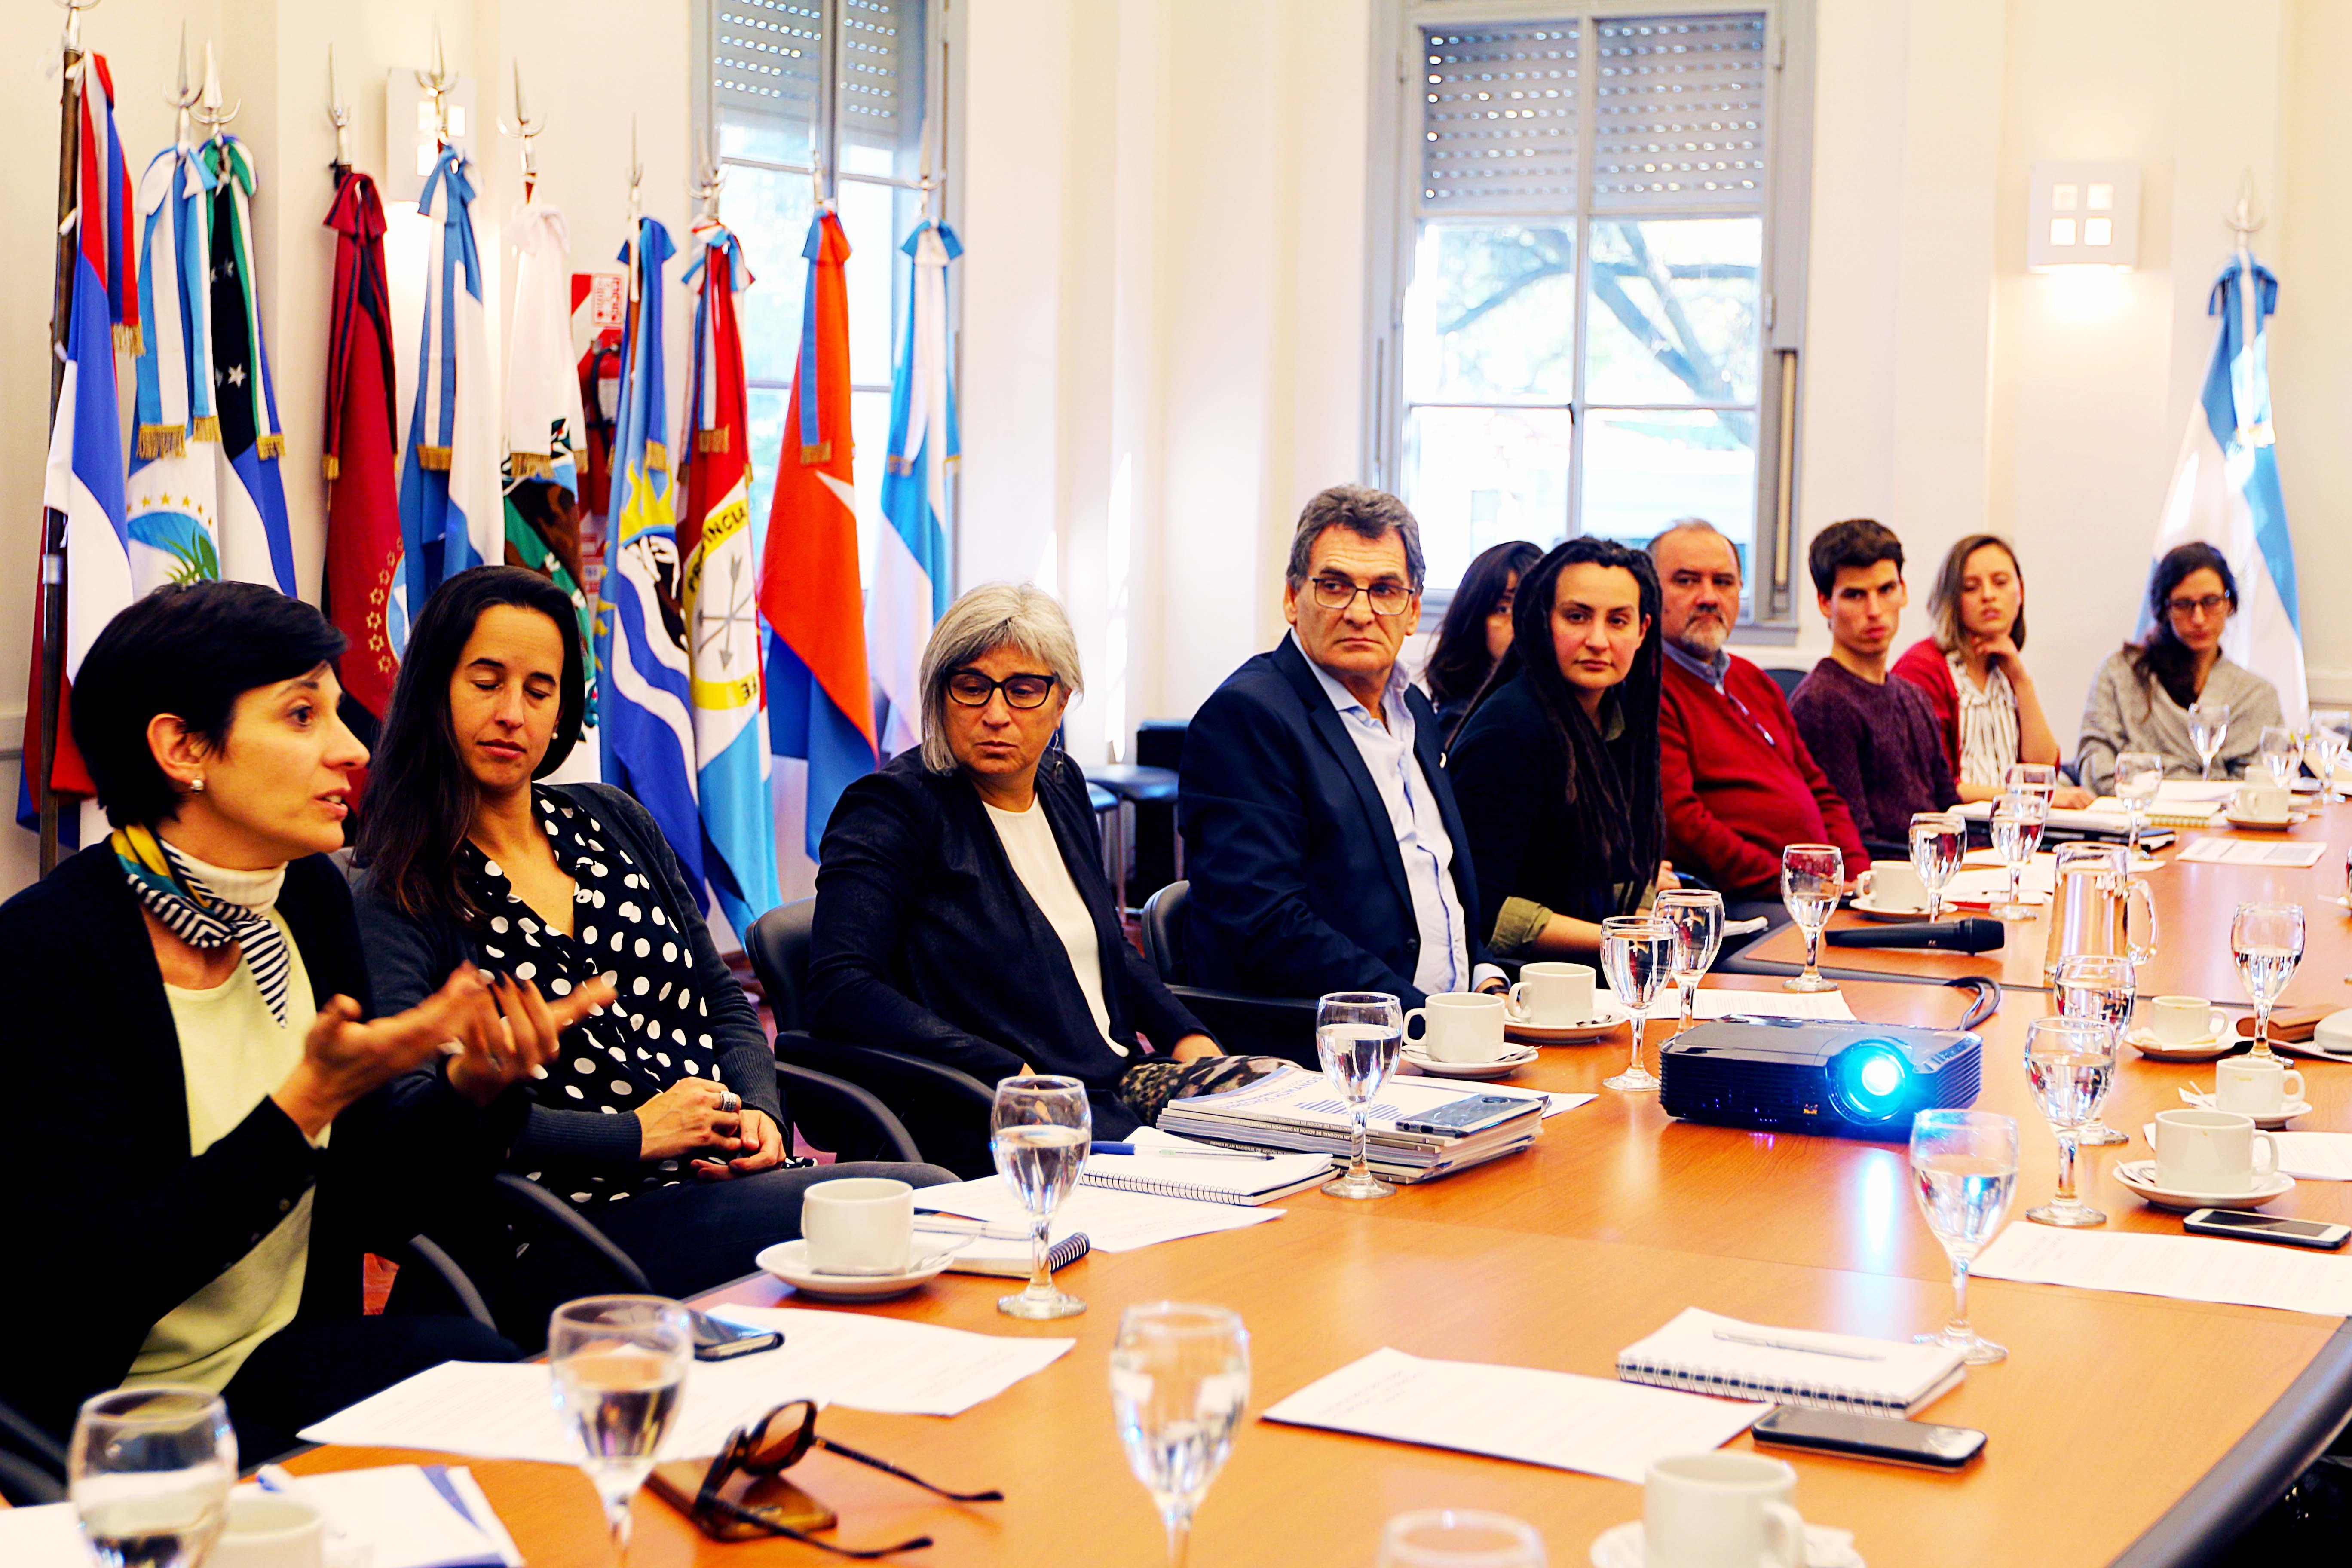 Alejandro Biondi (CIPPEC), junto a participantes del gobierno nacional y representantes de diversas entidades, en el encuentro para iniciar el diseño del Plan Nacional de Acción en Empresas y Derechos Humanos, a cargo del Ministerio de Justicia y Derechos Humanos de la Nación.